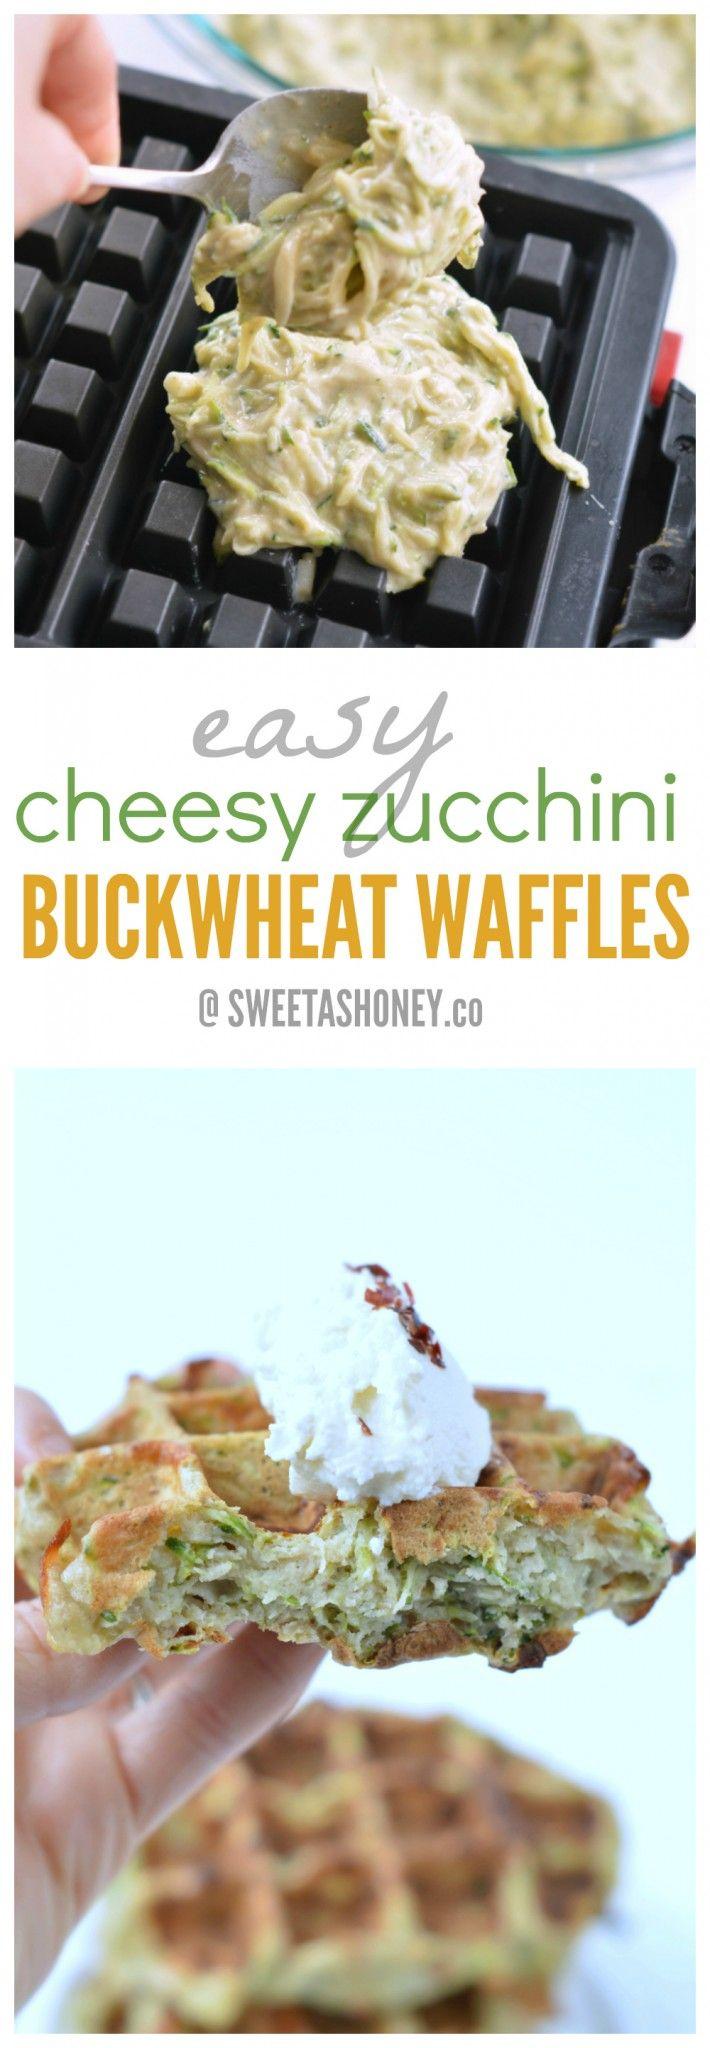 Zucchini Buckwheat Waffles                                                                                                                                                      More